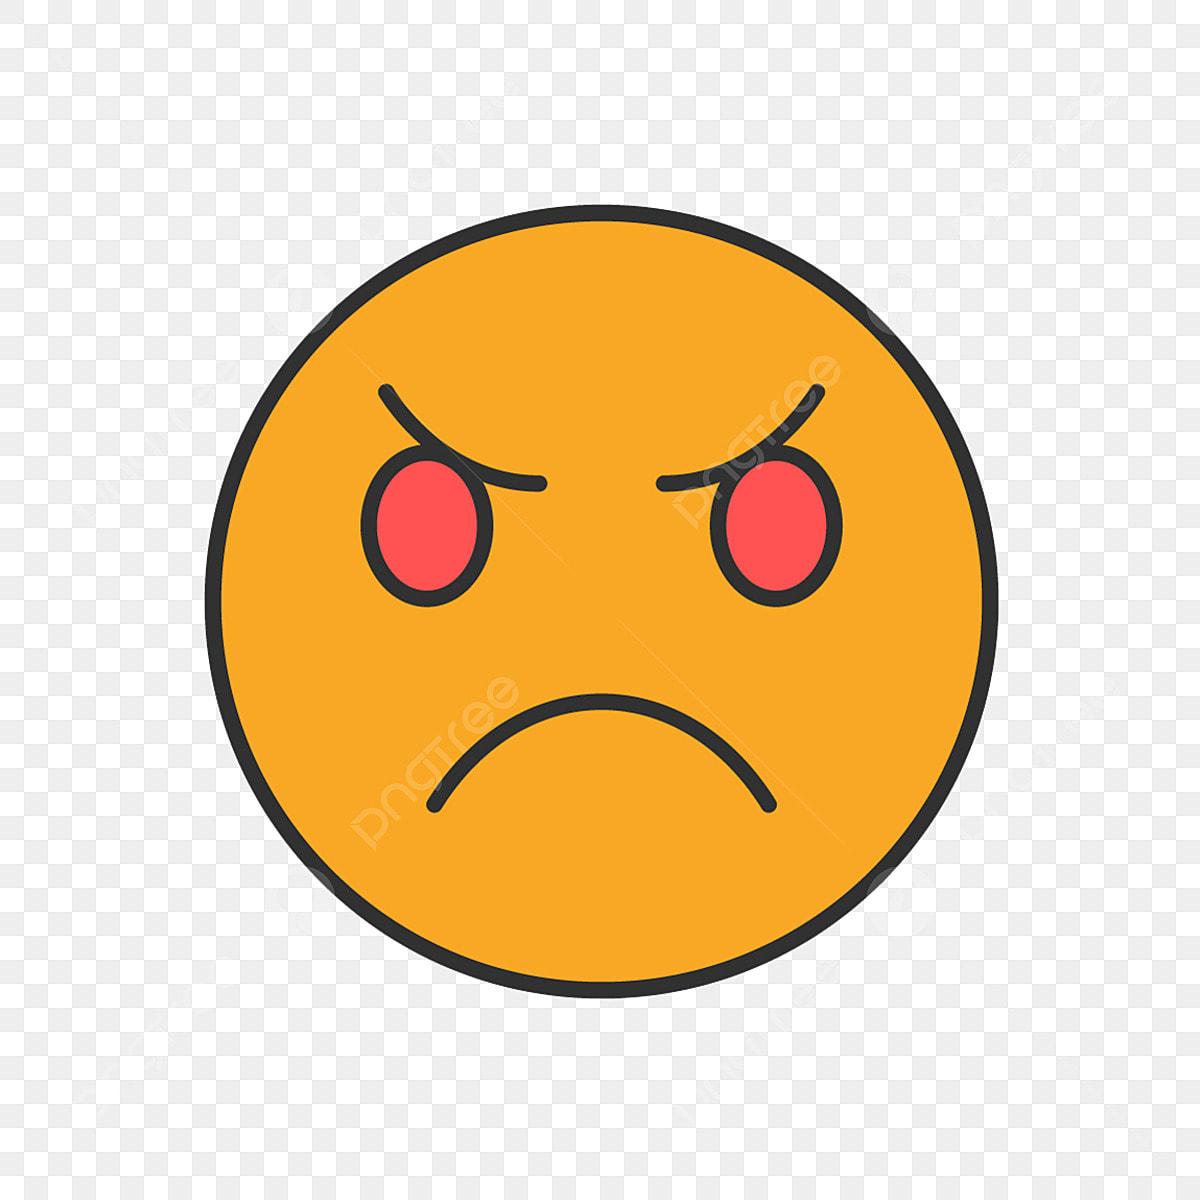 Vecteur Smiley En Colere Clipart Emoji Icones Emoji Icones En Colere Png Et Vecteur Pour Telechargement Gratuit